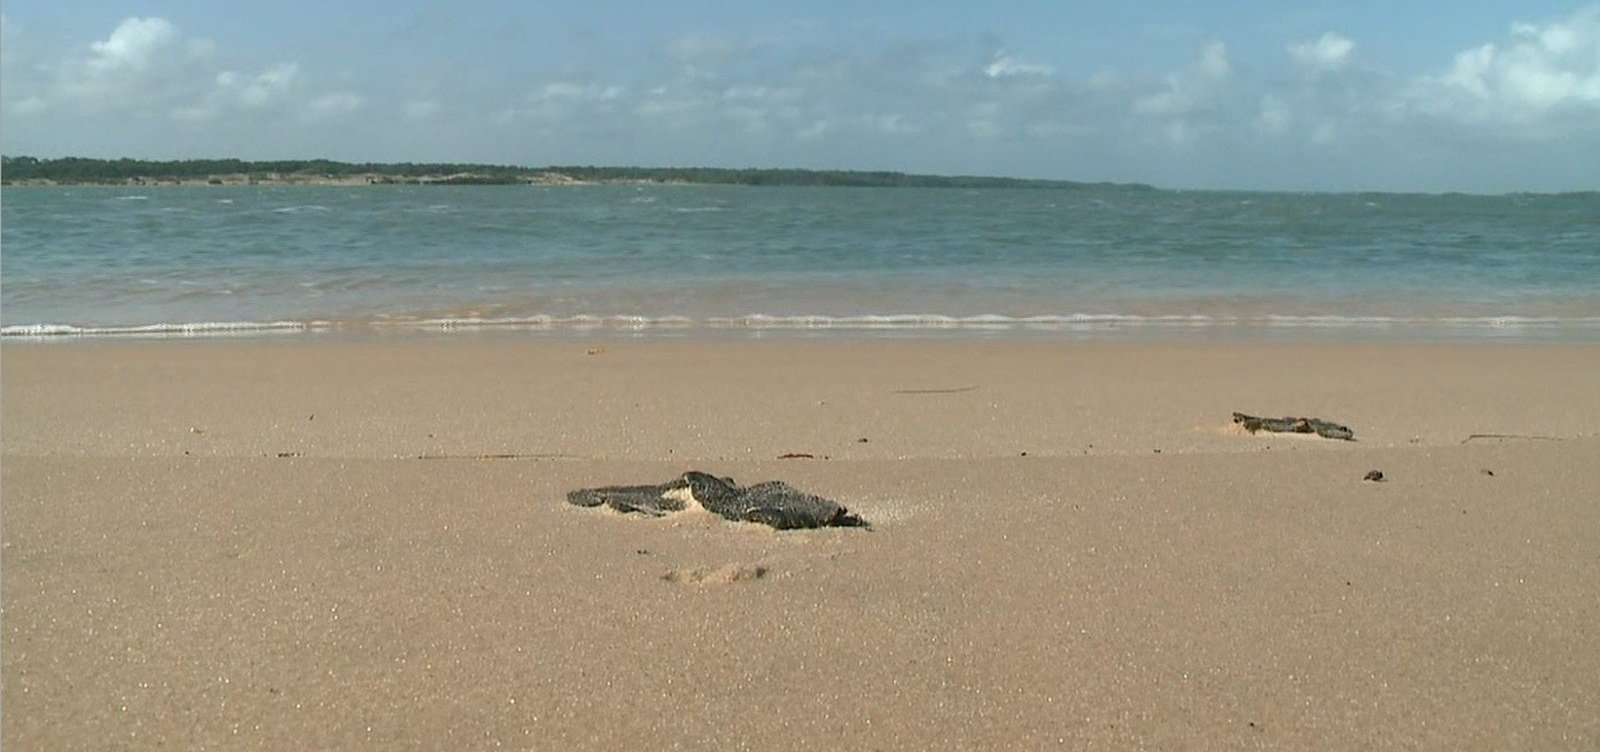 Novas manchas de óleo aparecem no litoral do Piauí